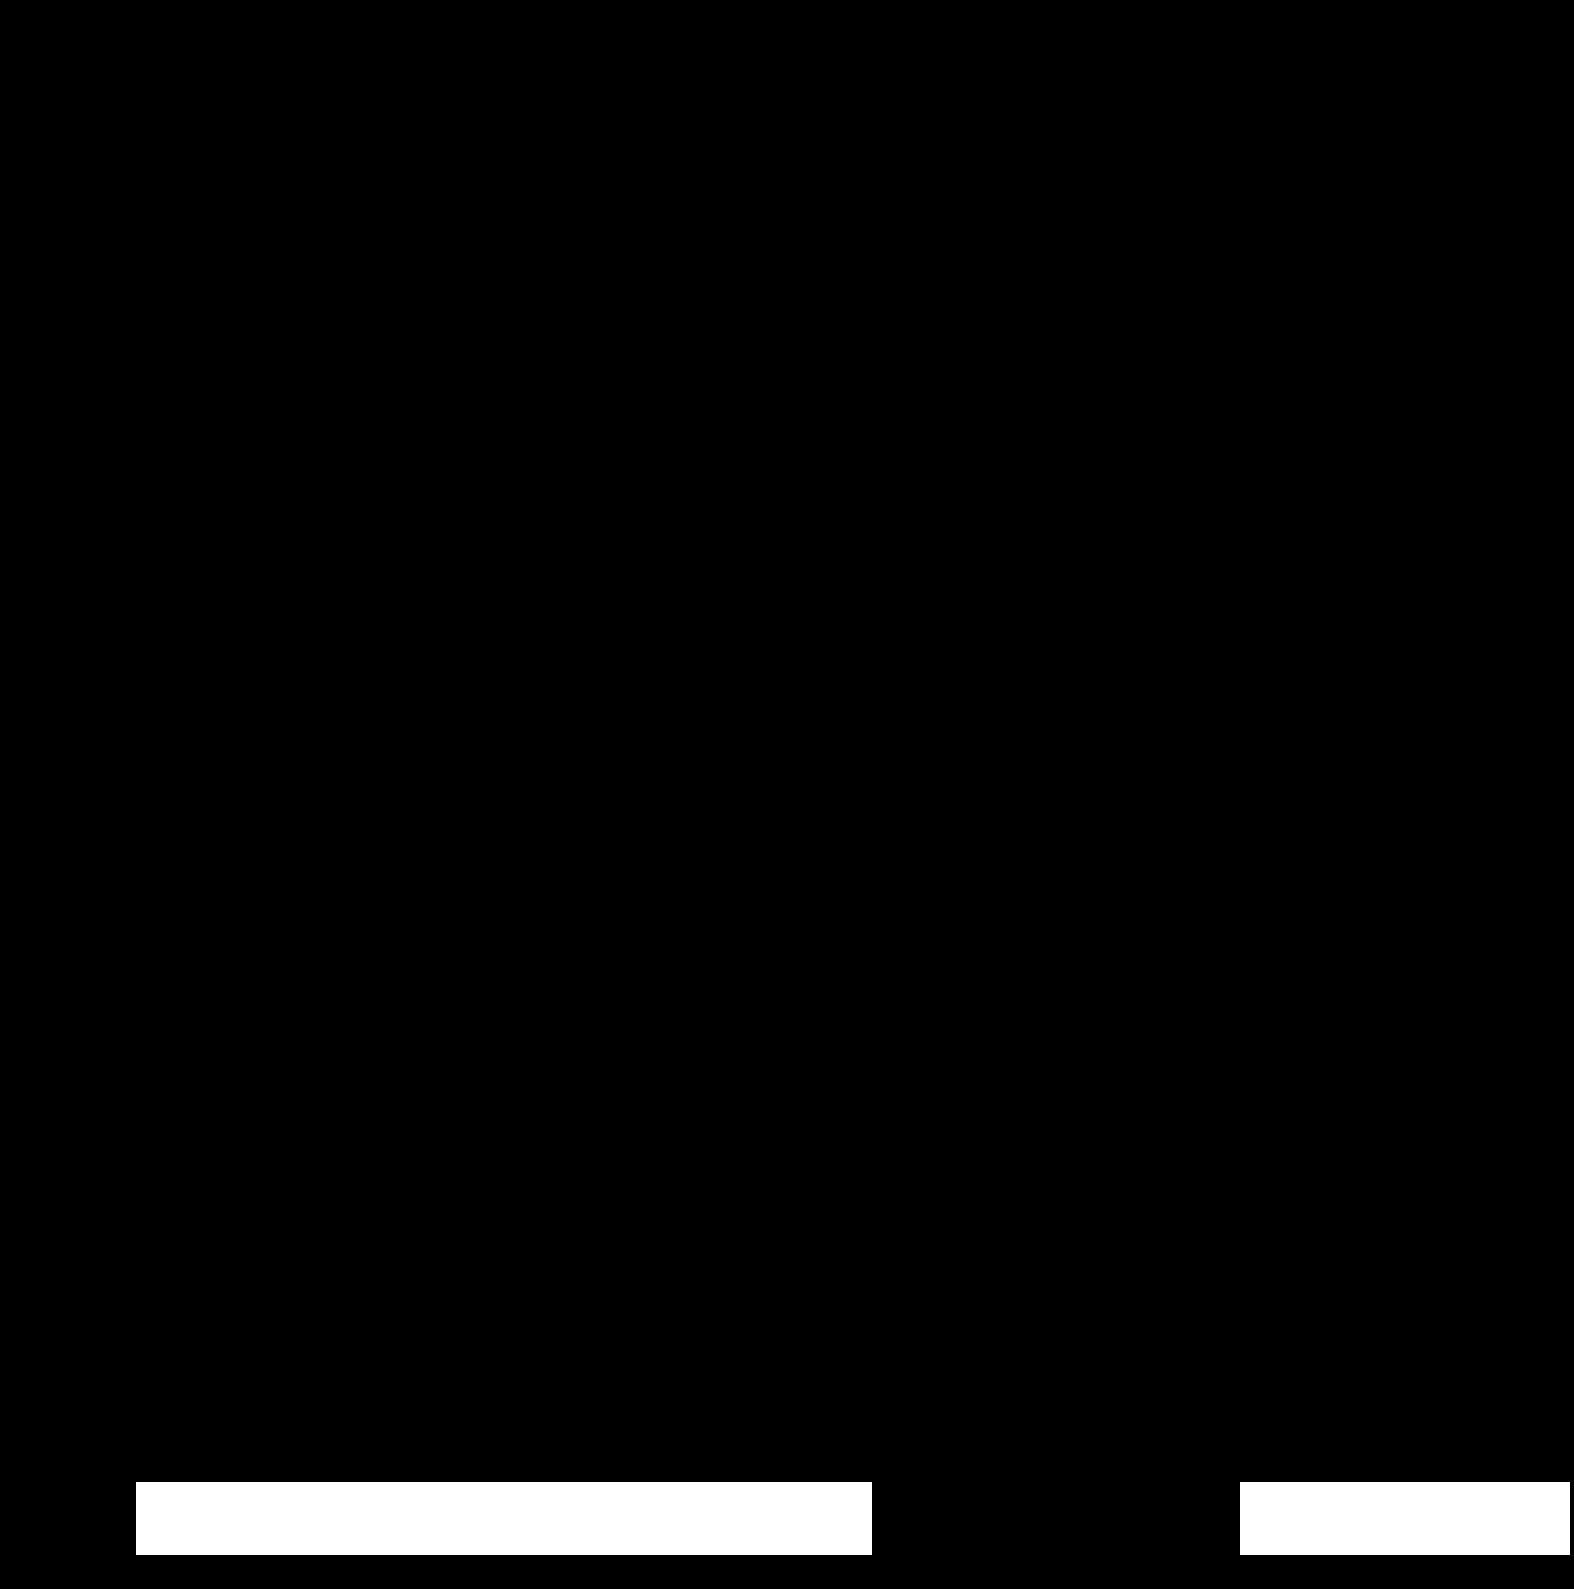 """Logotipo do estúdio de jogos Apollo Games. Trata-se da palavra """"Apollo Games Lab"""" escrita em preto. Em volta dessa palavra, há um meio circulo preto."""